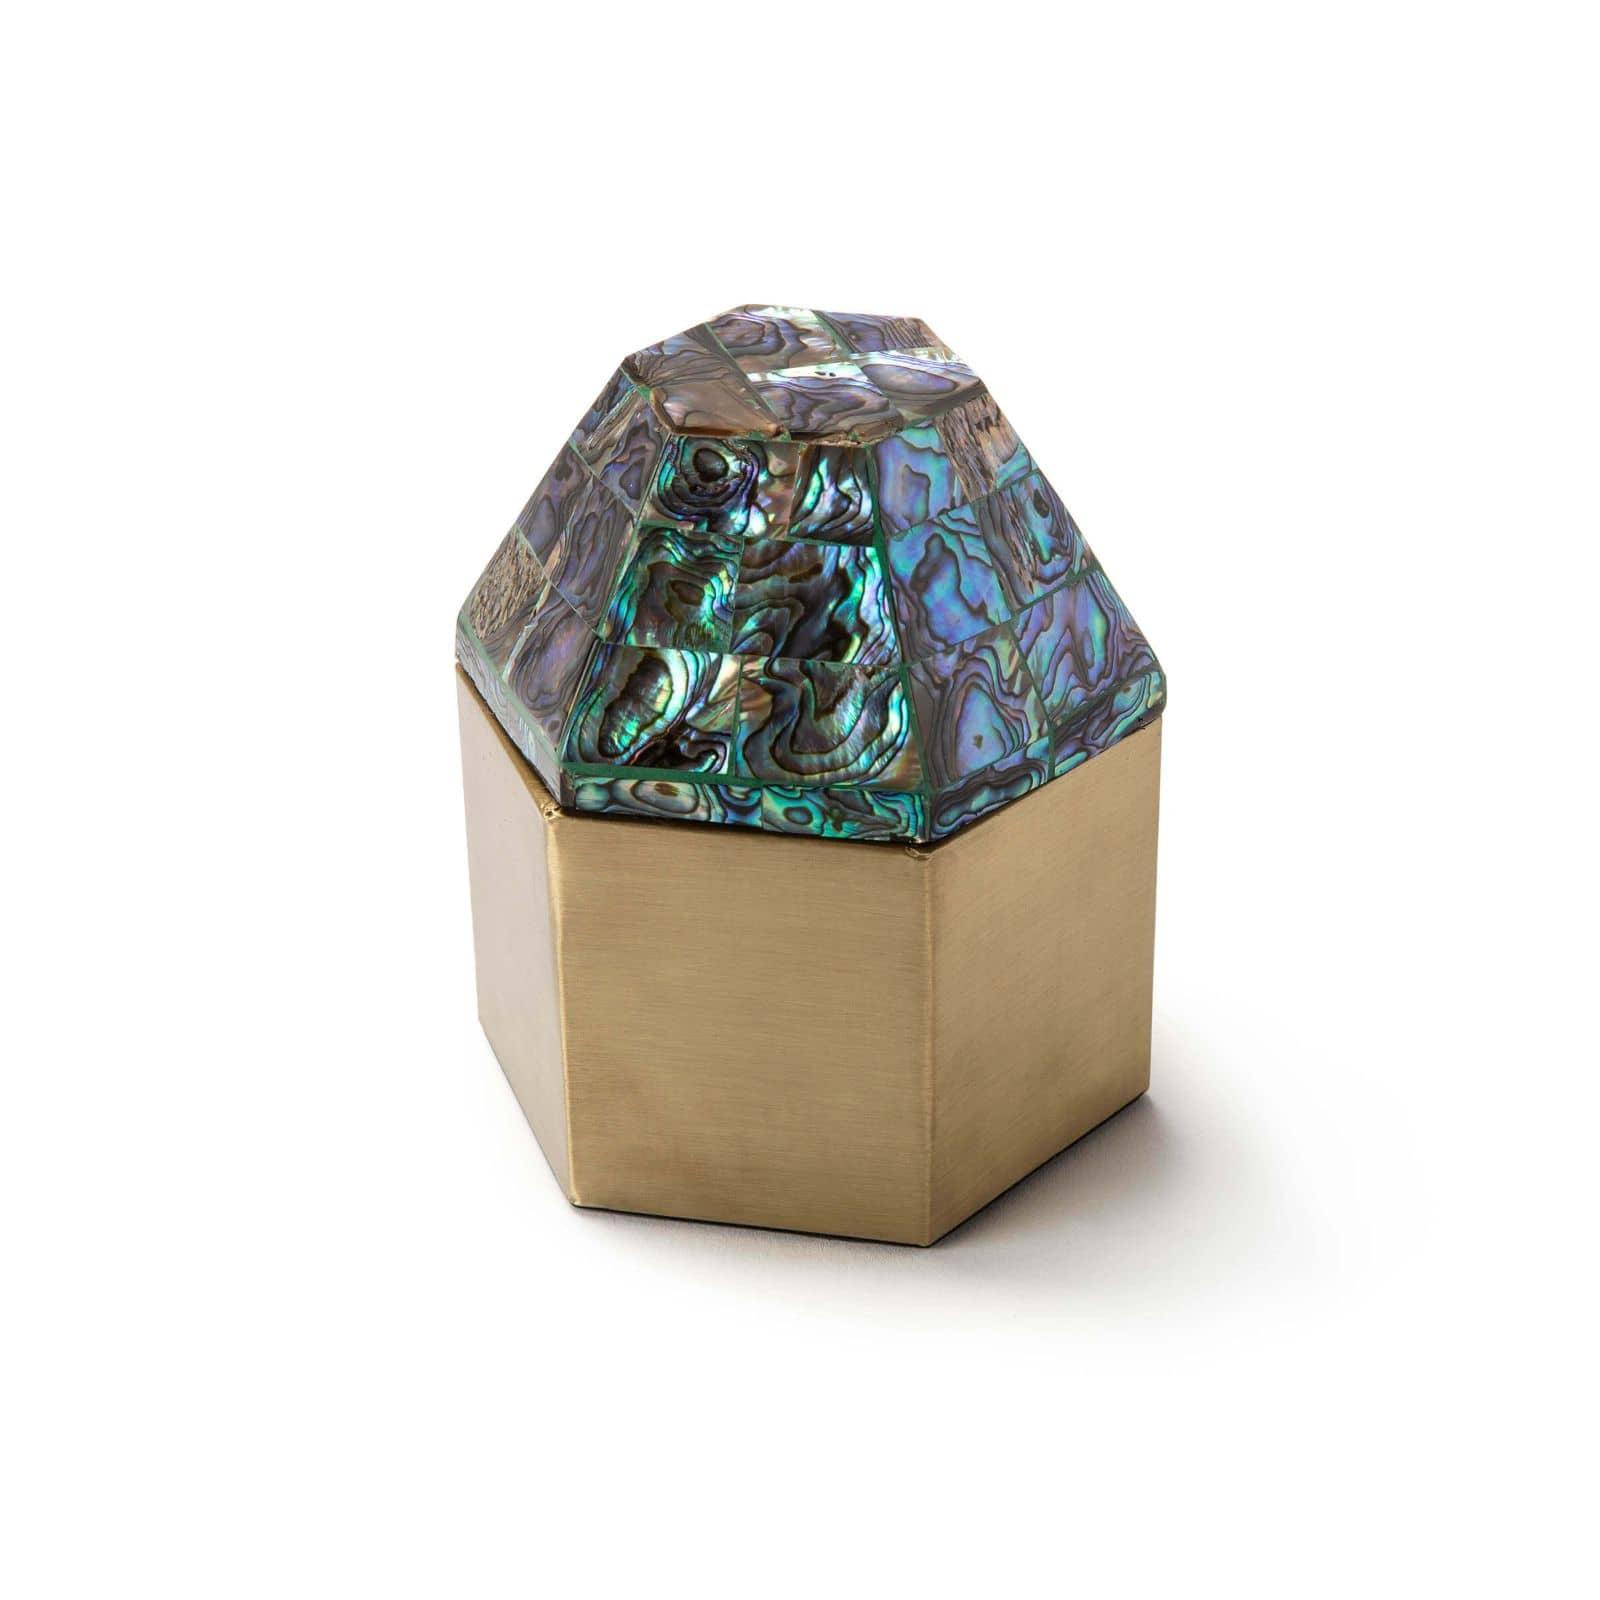 Alexis Hexagon Box Abalone | Regina Andrew